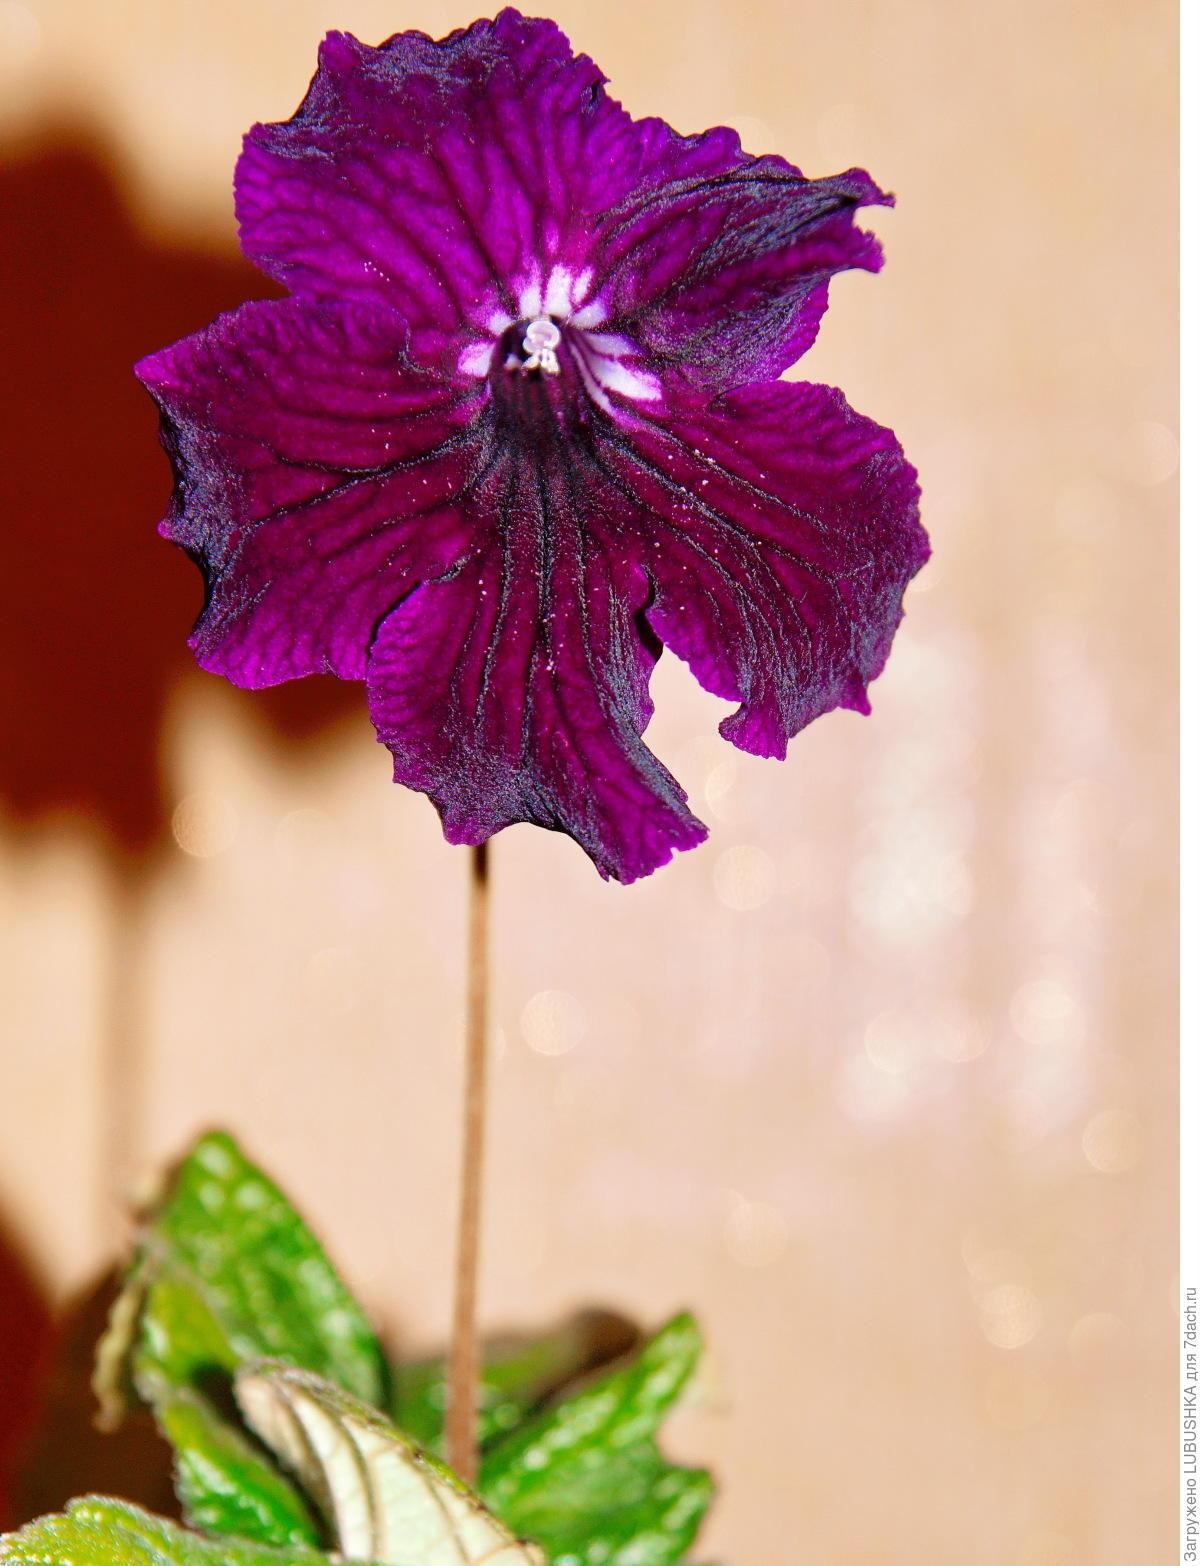 Комнатный цветок стрептокарпус: фото сортов с описанием, размножение и 12